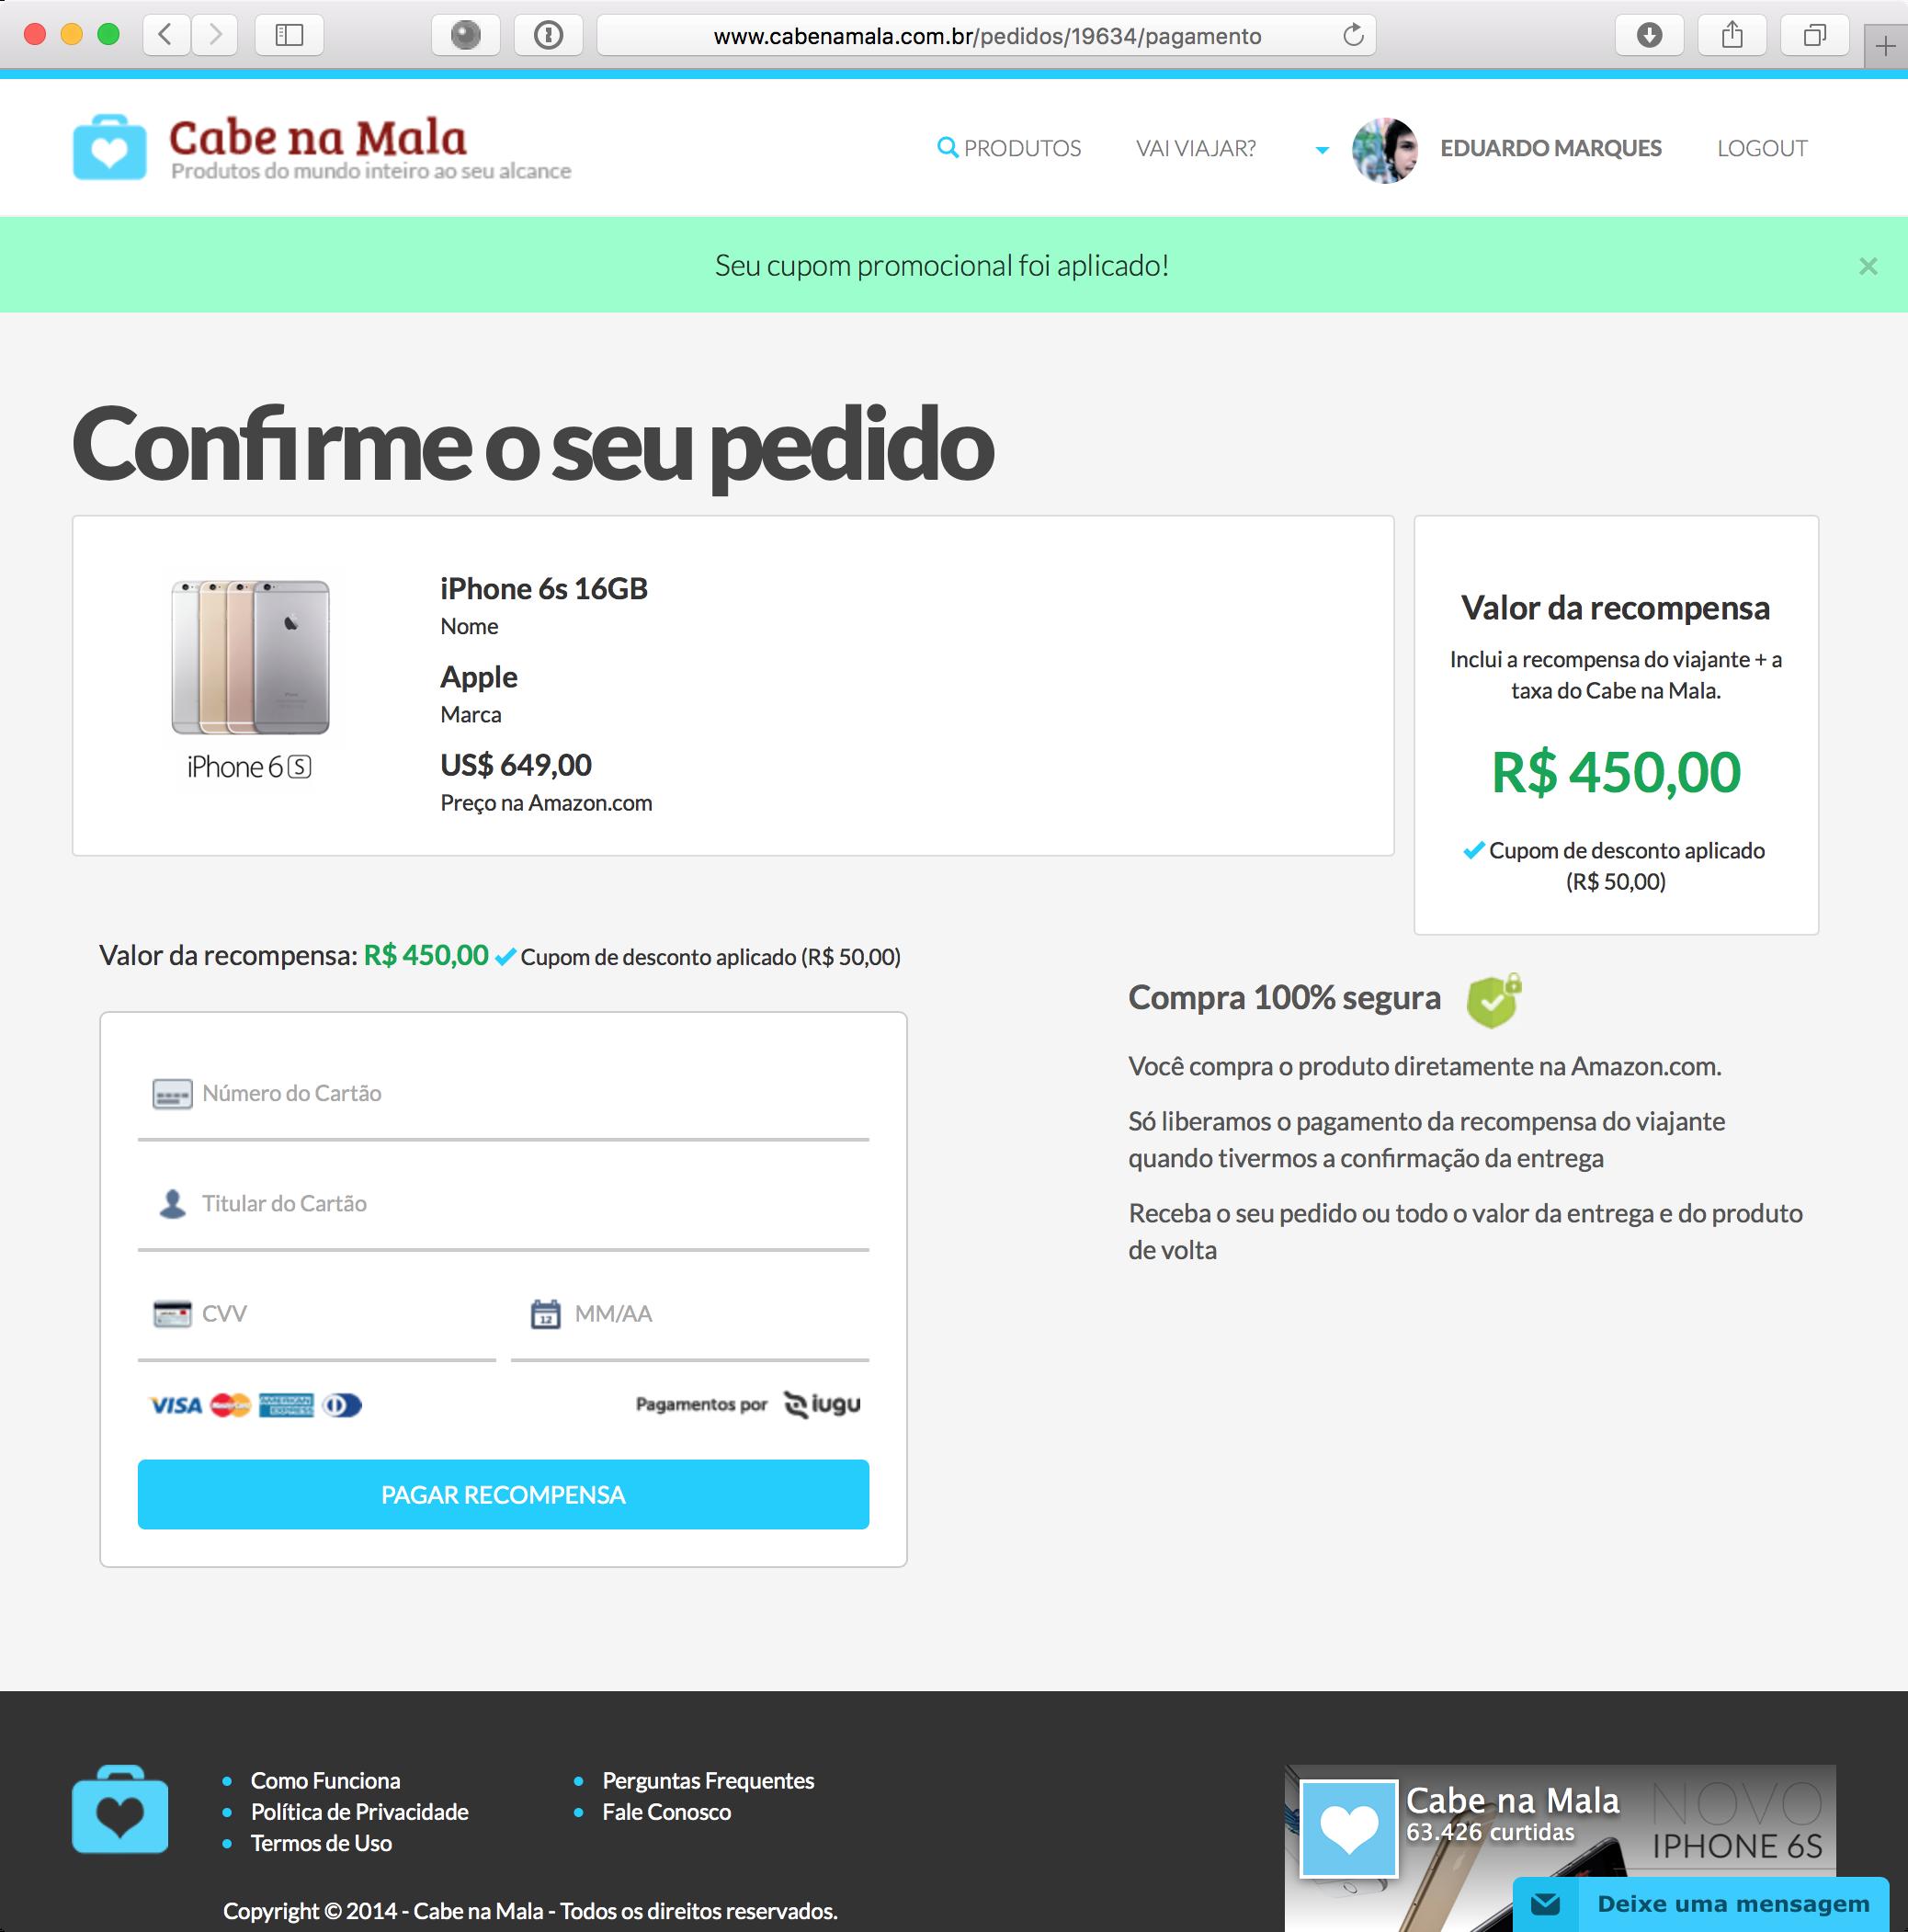 Comprando um iPhone 6s pelo Cabe na Mala